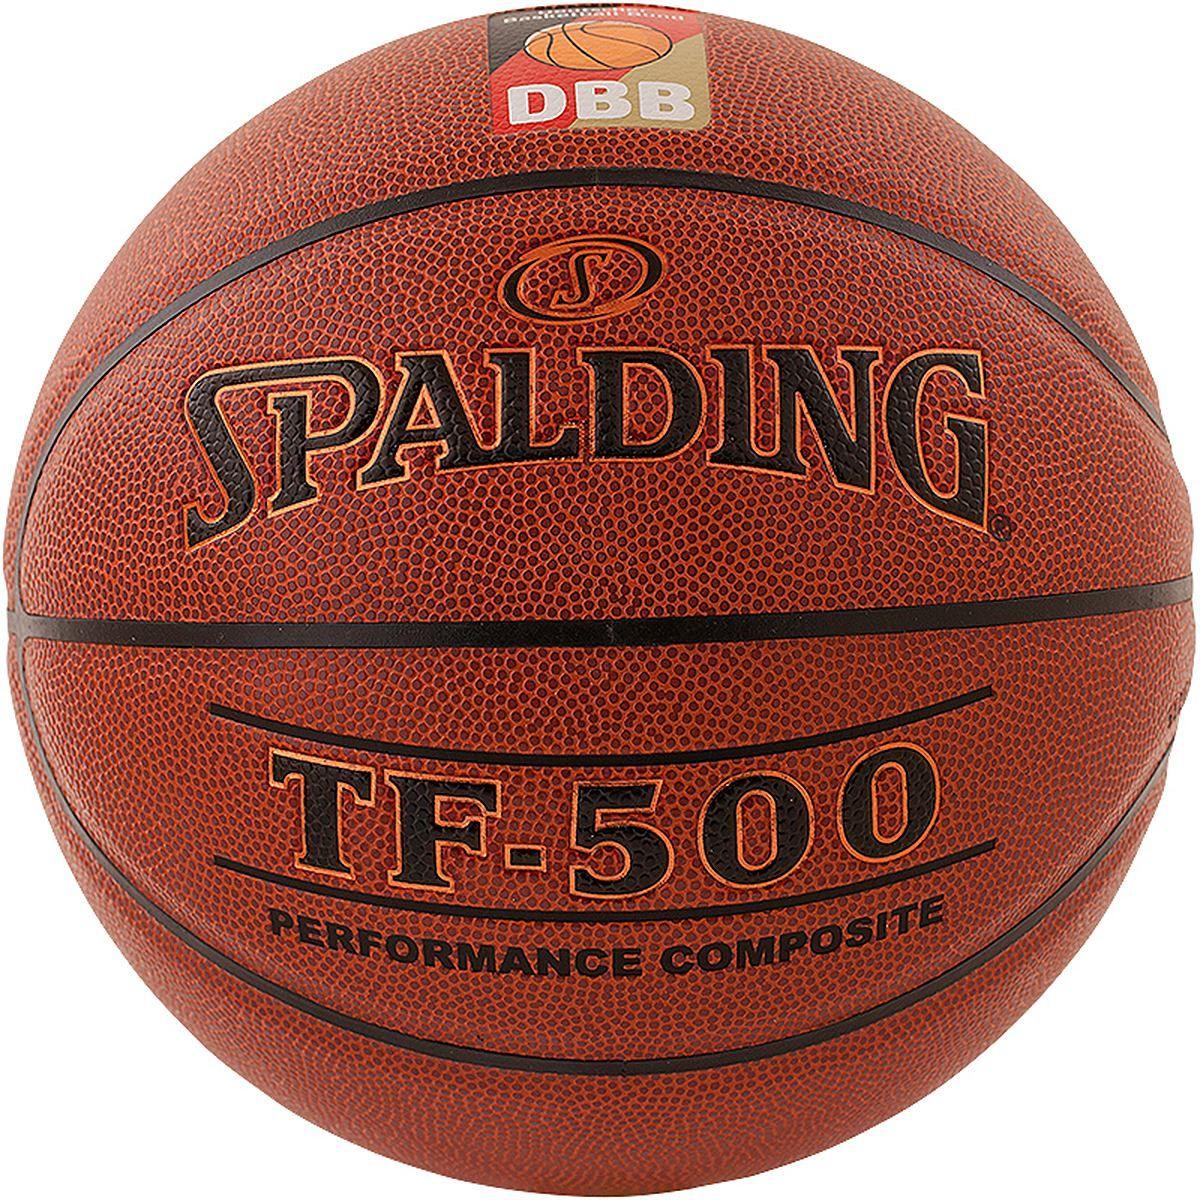 TF500 DBB Indoor Basketball    DBB Indoor Basketball    Details  Mit offiziellem DBB Logo / Top Spieleigenschaften / Exzellenter Grip und sehr gute Ballkontrolle / Wide Channel Design / Größe: 7    Geschlecht: Unisex  Größe: 7  Material: Leder  Sportart: Basketball...